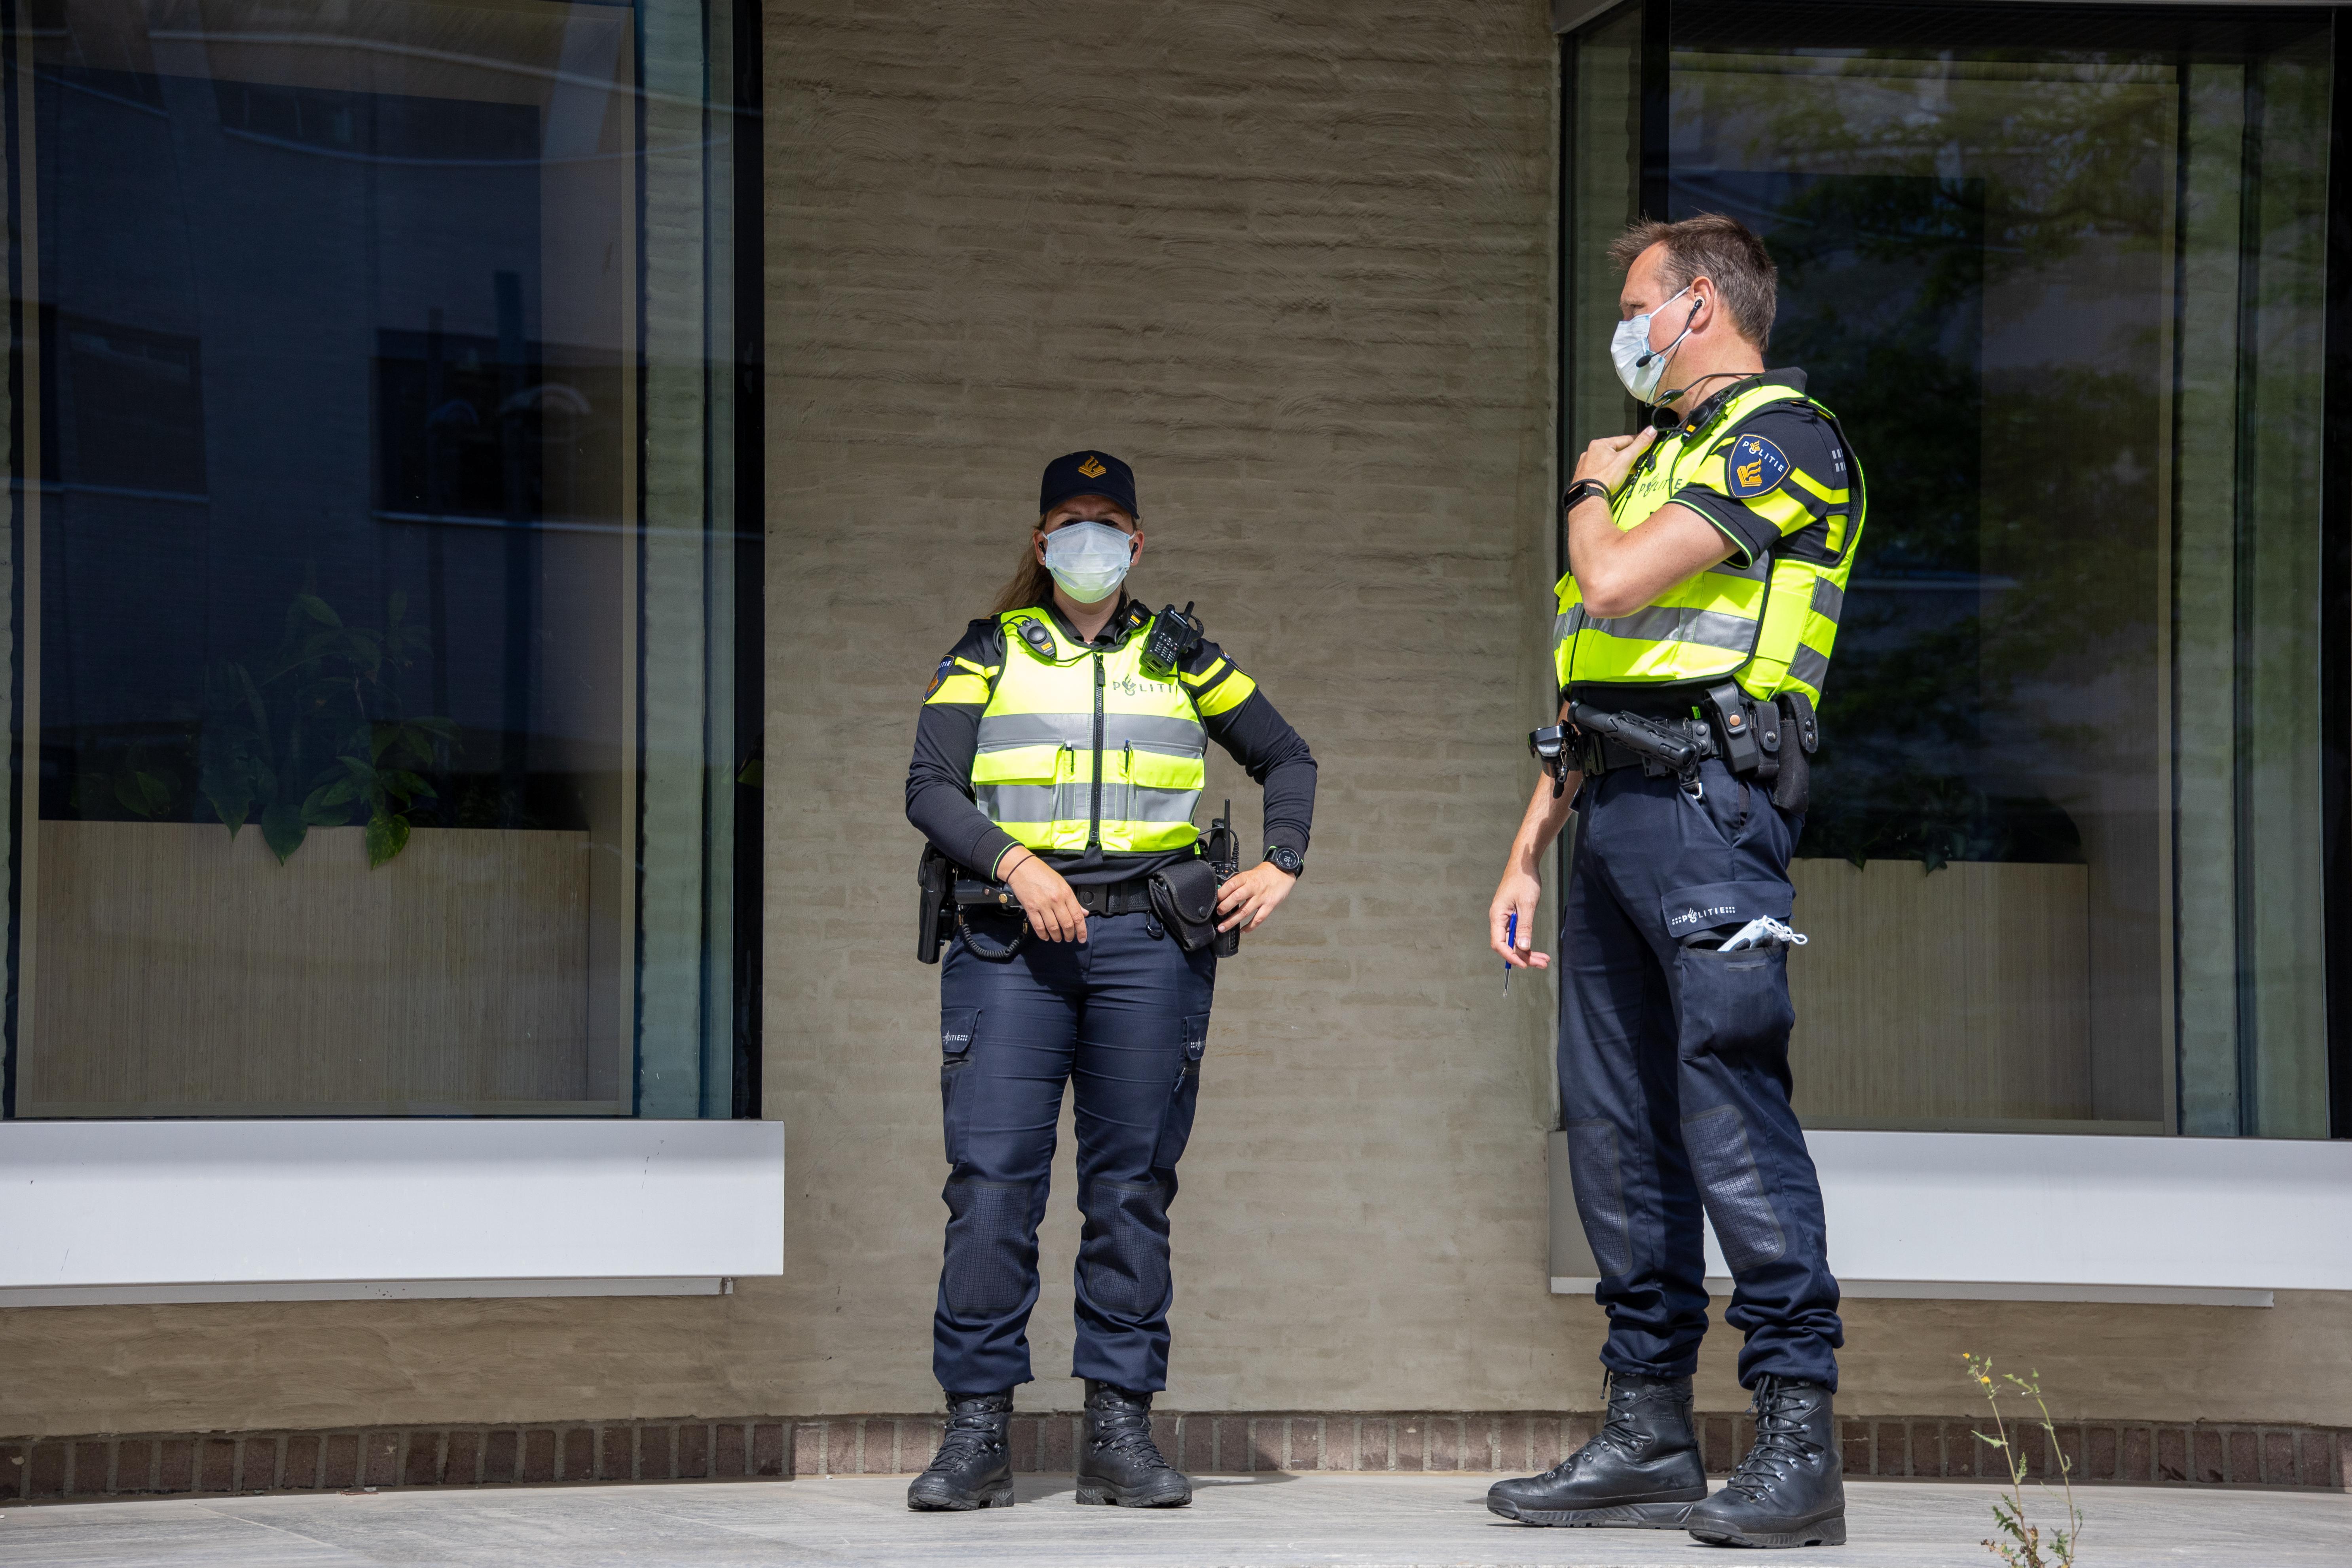 Patrulă de poliție, în Olanda. Imagine ilustrativă